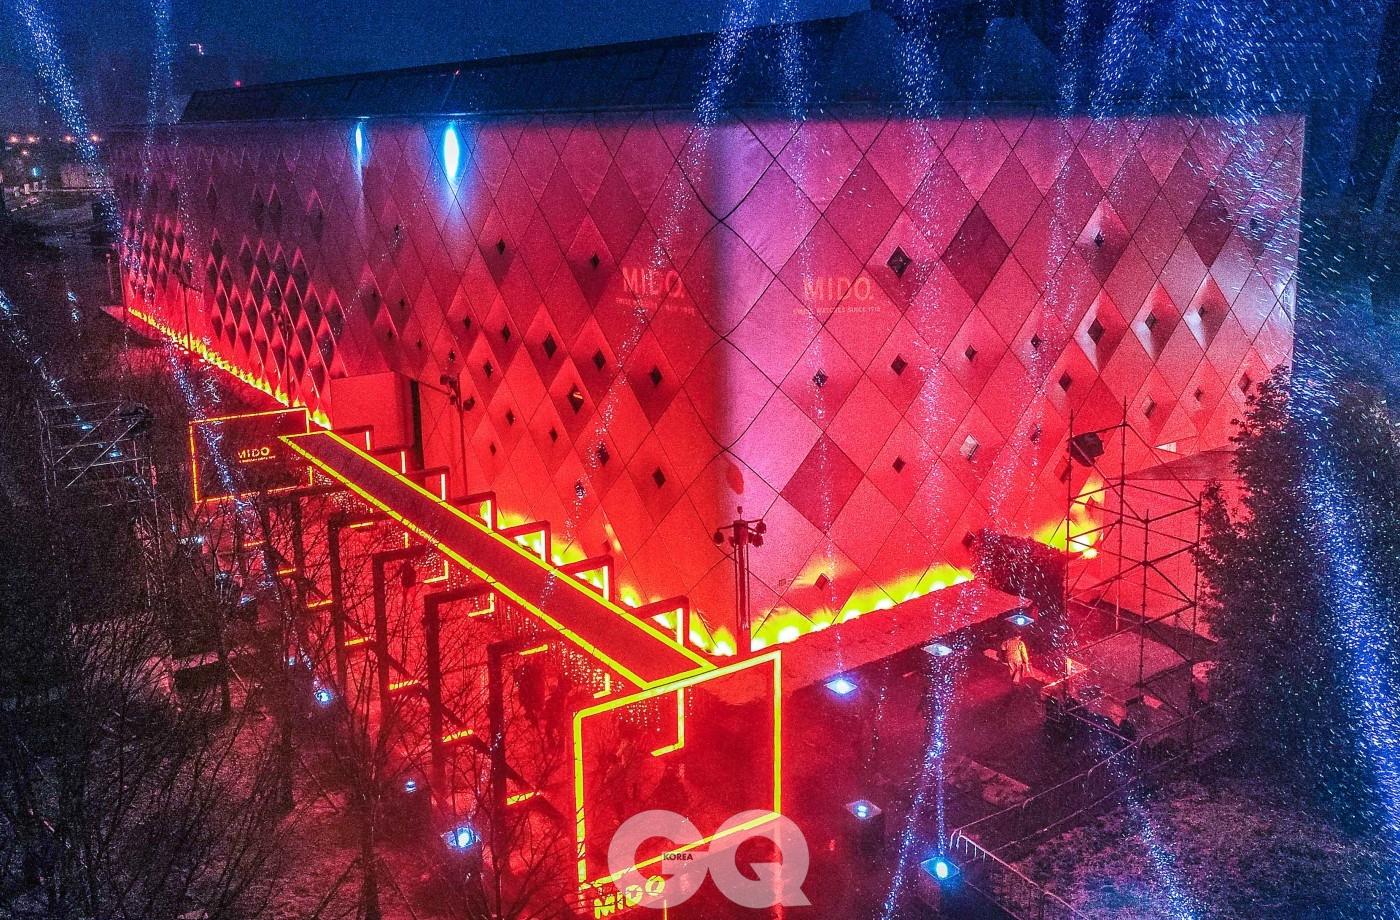 중국 상하이의 밤은 미도를 상징하는 주황색 불빛으로 물들었다.